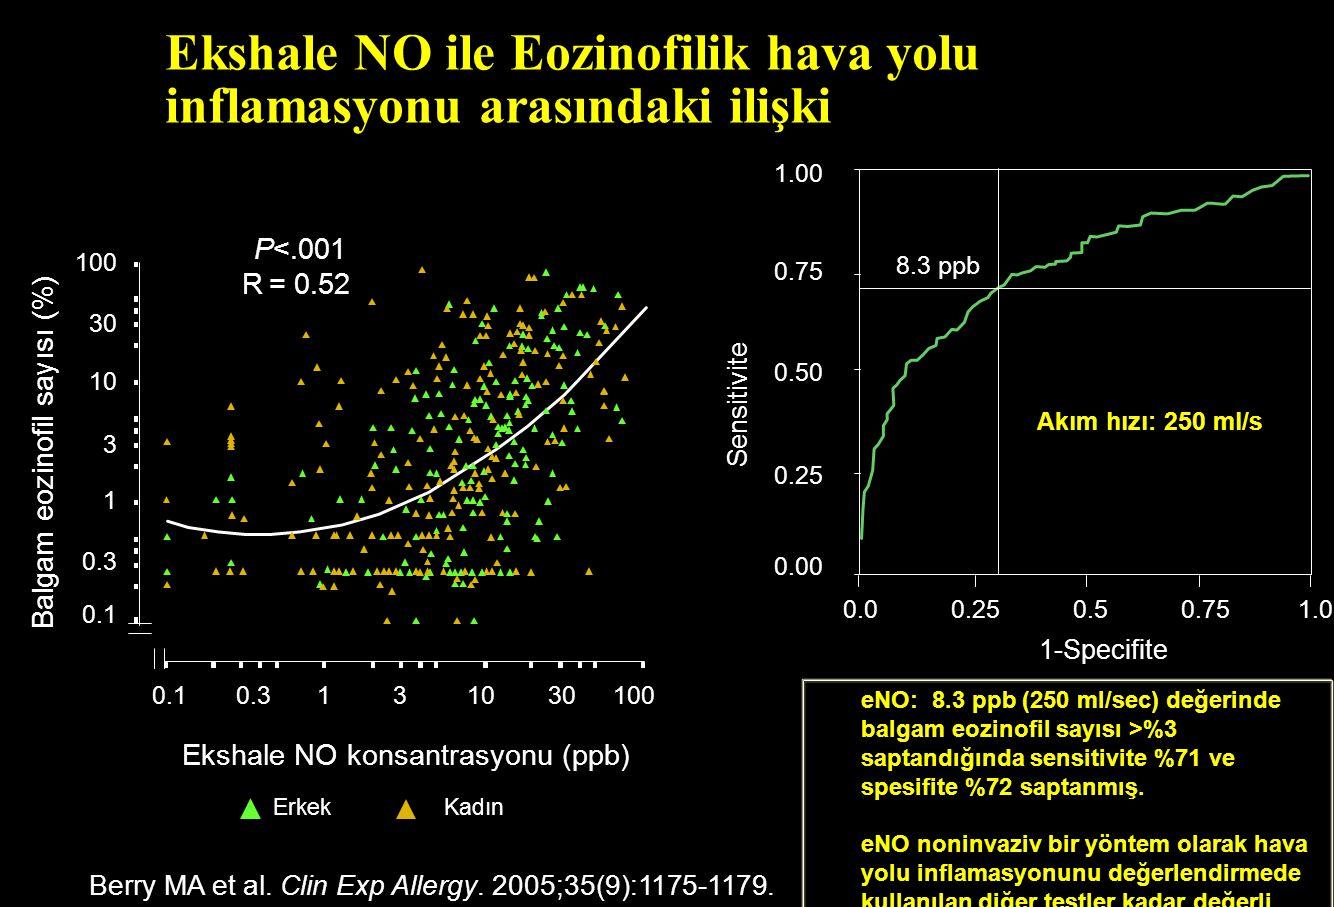 Ekshale NO ile Eozinofilik hava yolu inflamasyonu arasındaki ilişki